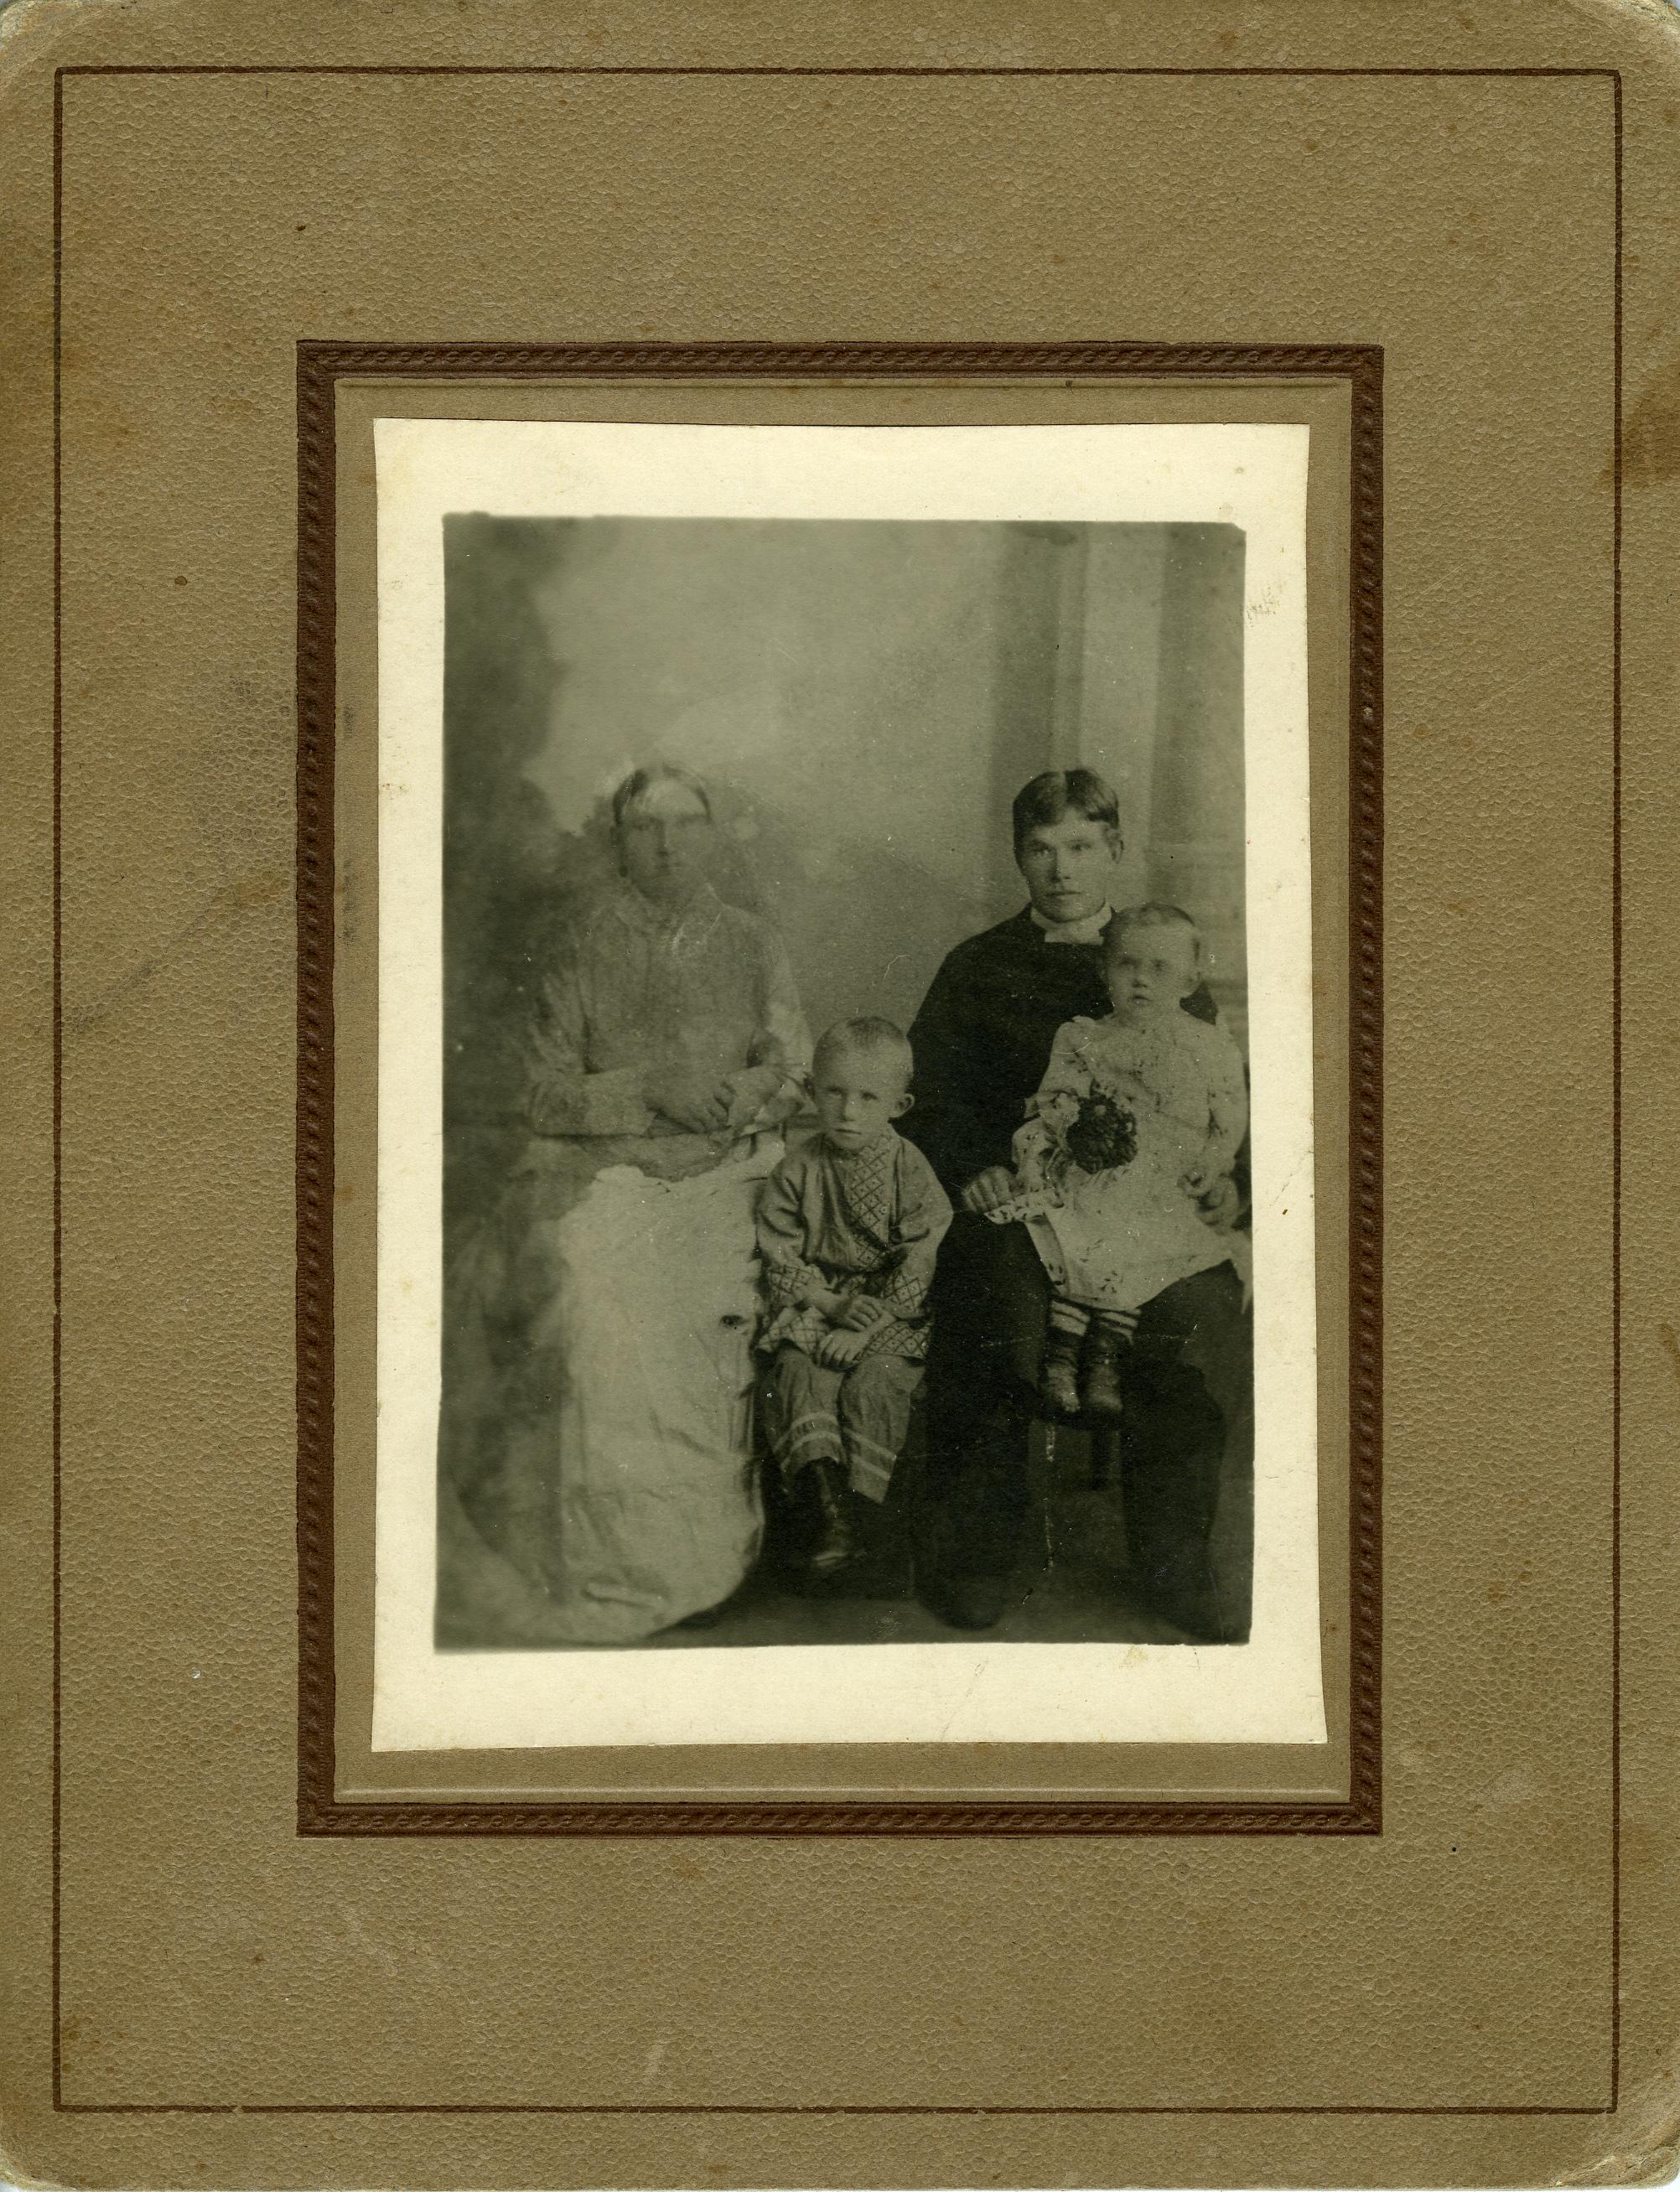 световая схема старинных фотографий